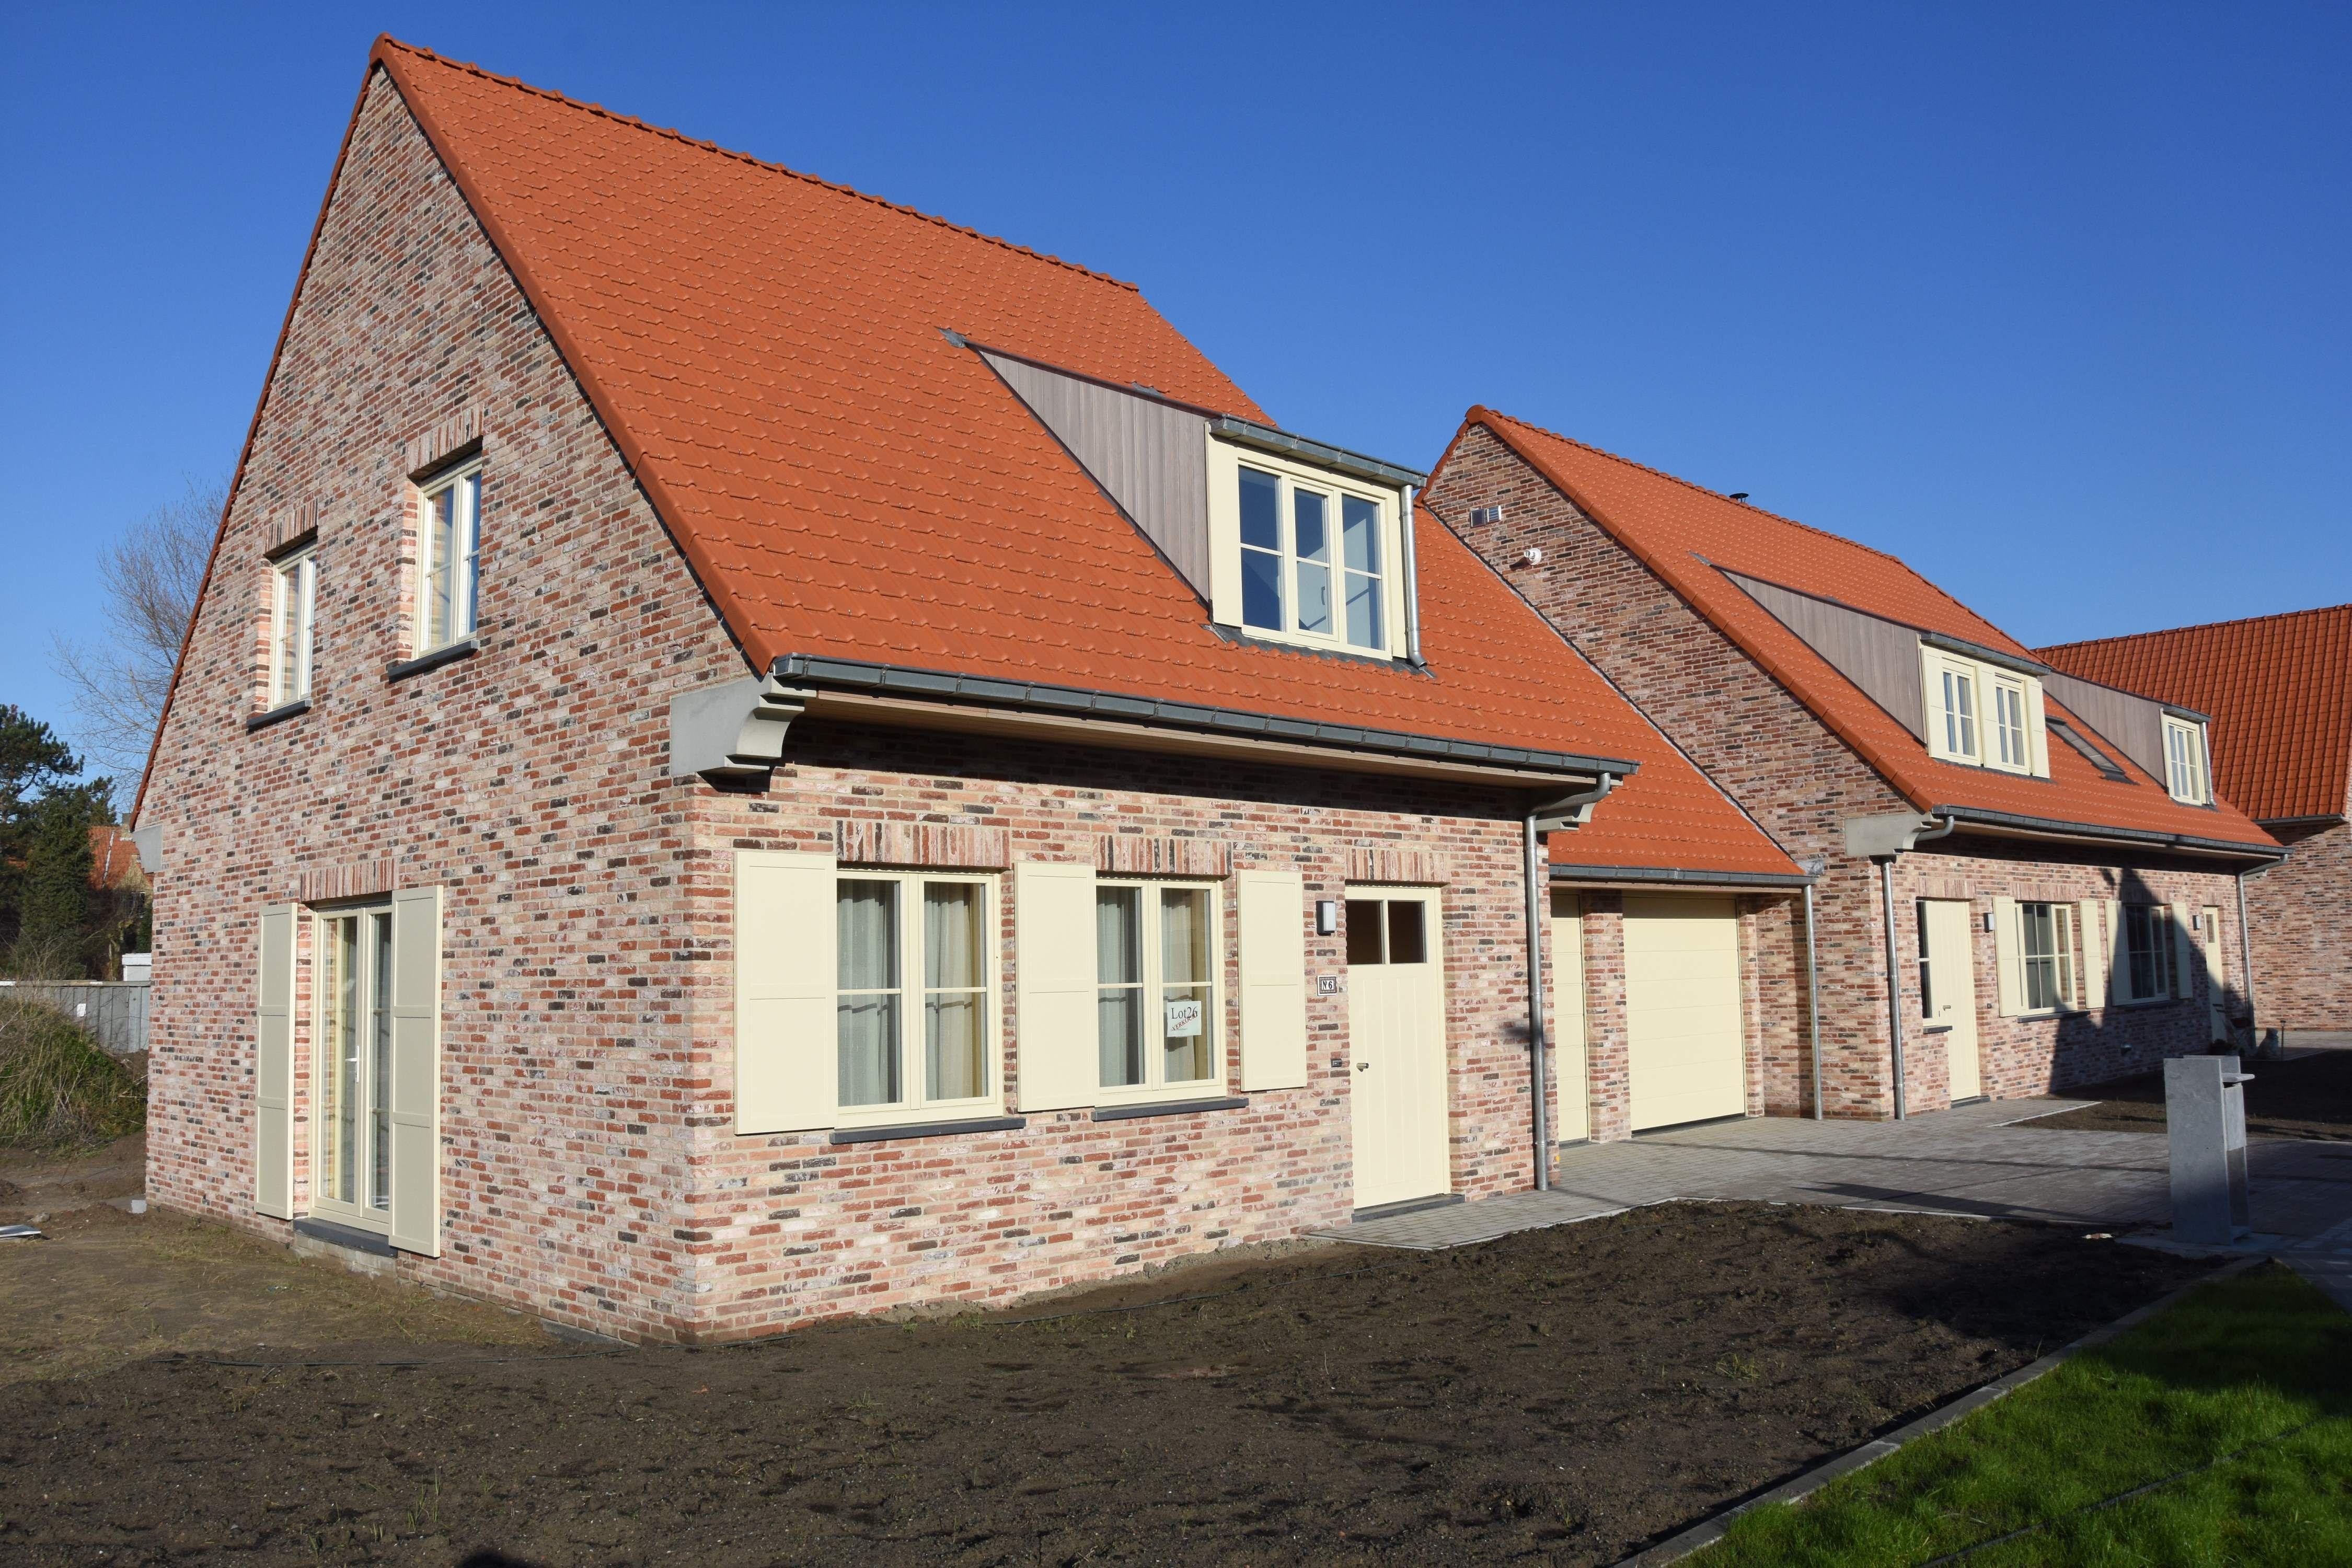 Nieuwbouw woning Gustaaf Buffelstraat Nieuwpoort - 8765